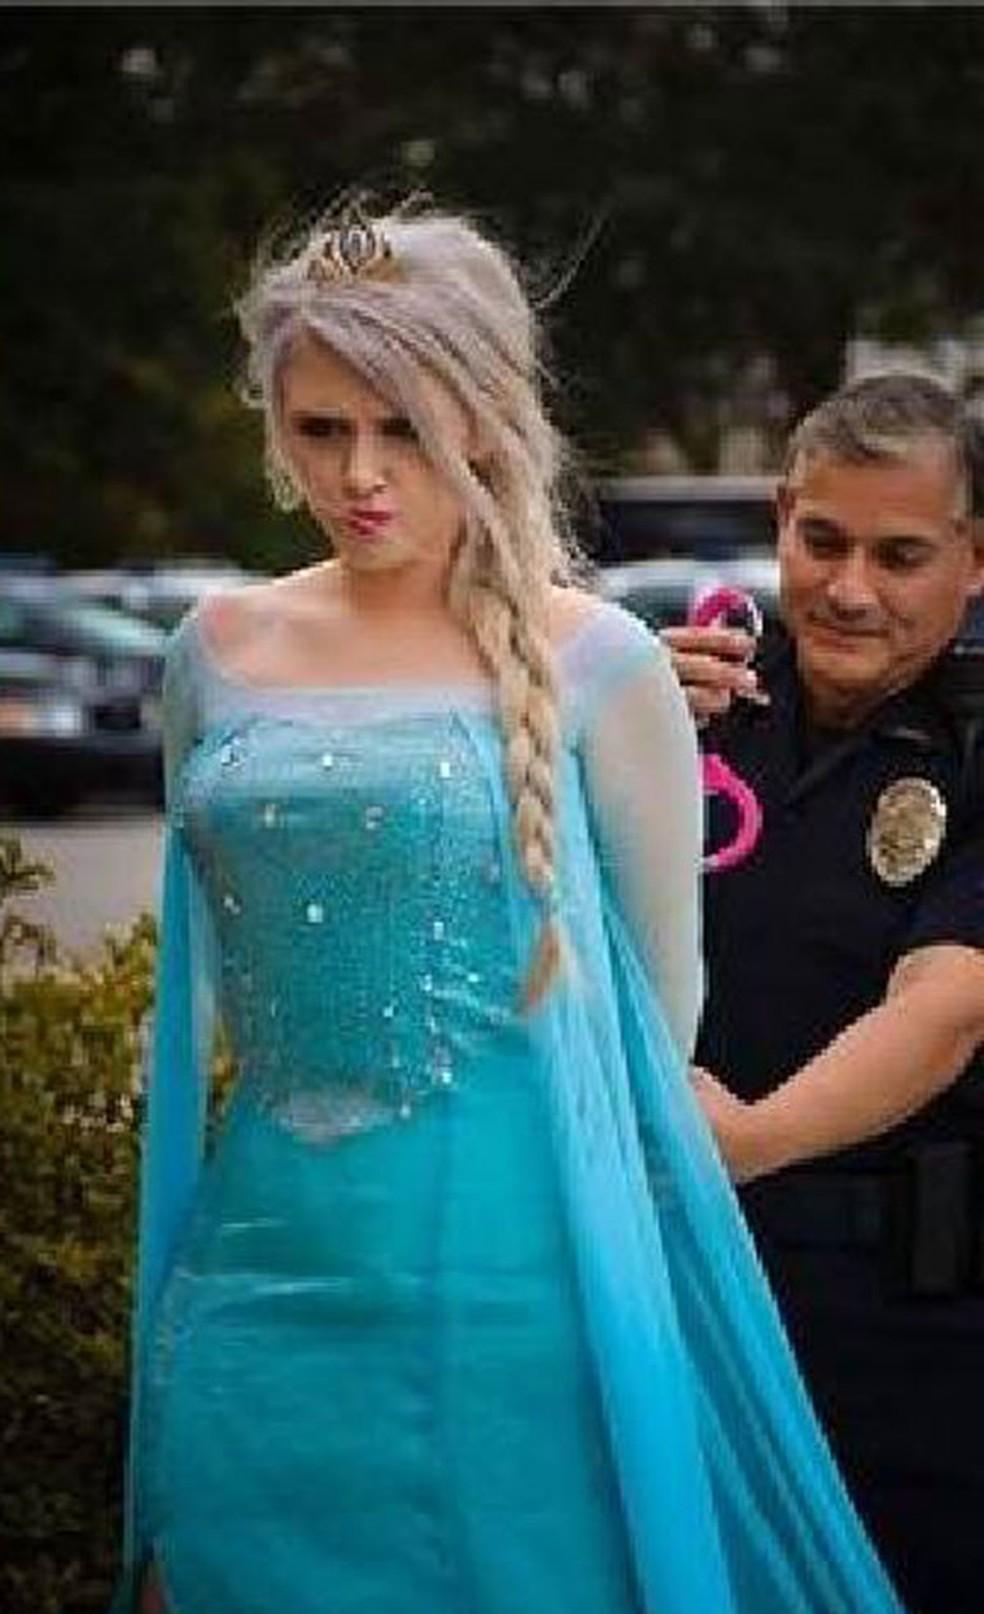 Polícia dos EUA 'prende' a Rainha Elsa, suspeita de trazer onda de frio ao país — Foto: McLean Police Department